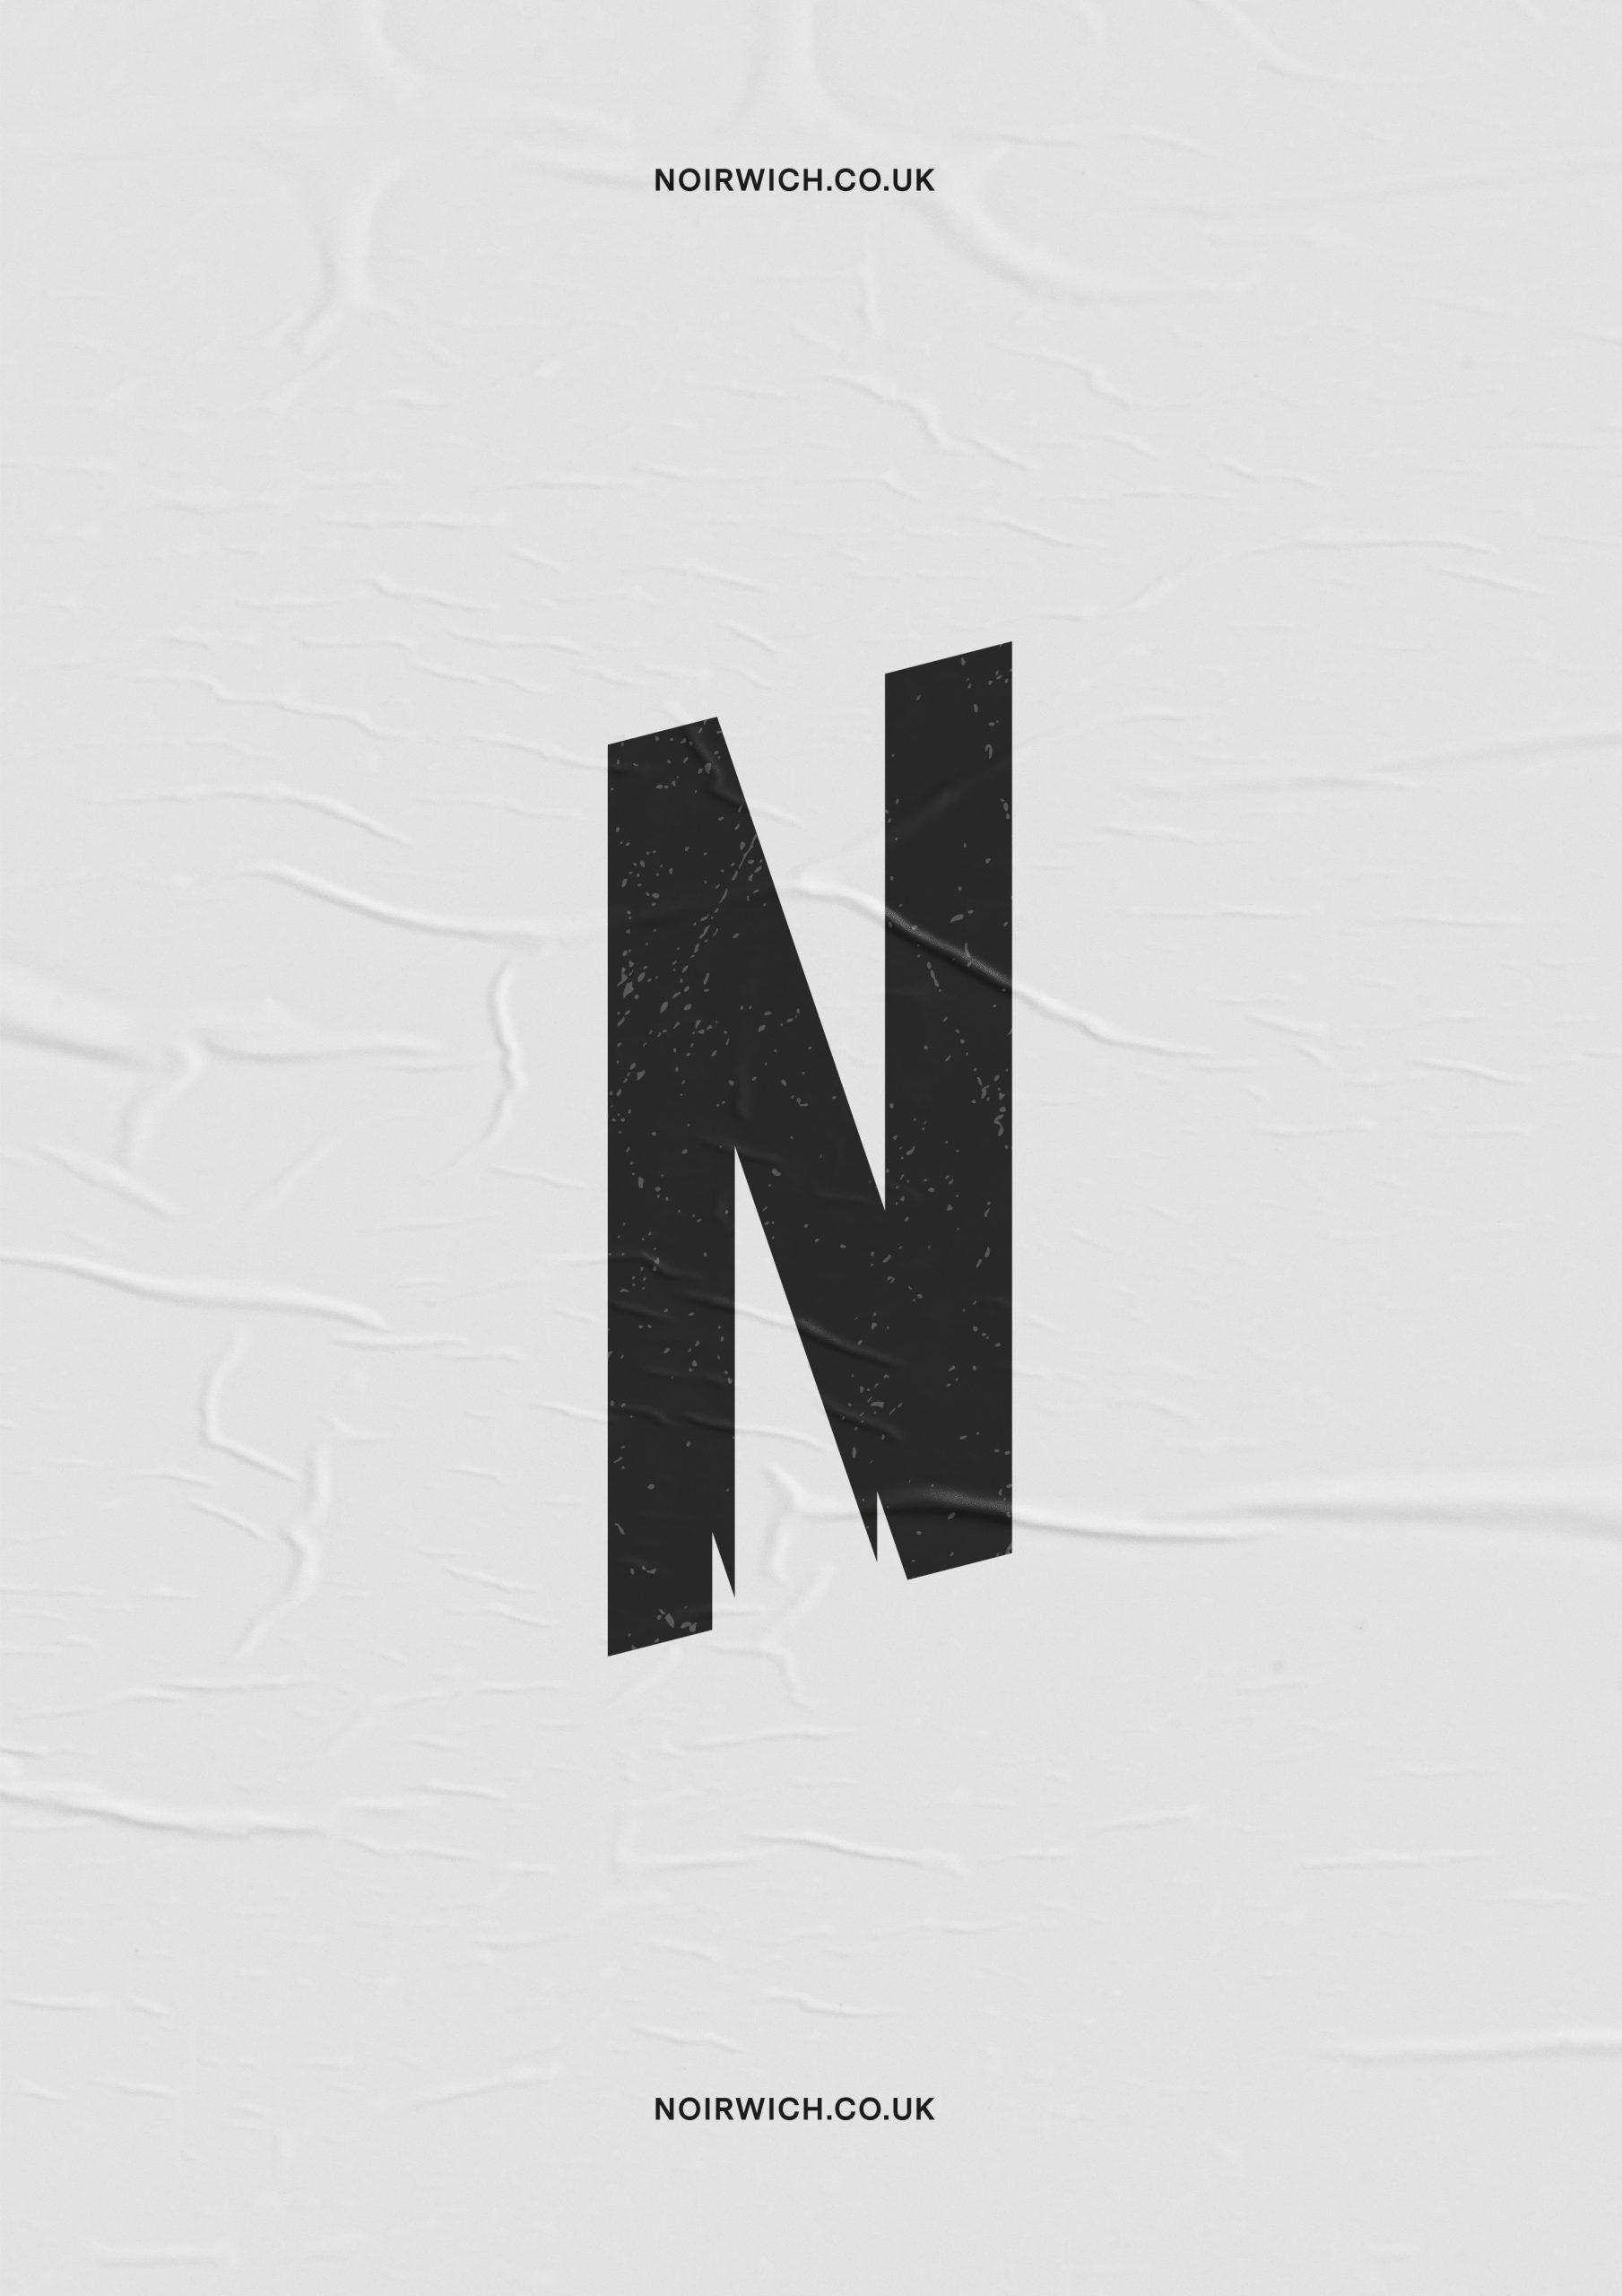 Noirwich poster design